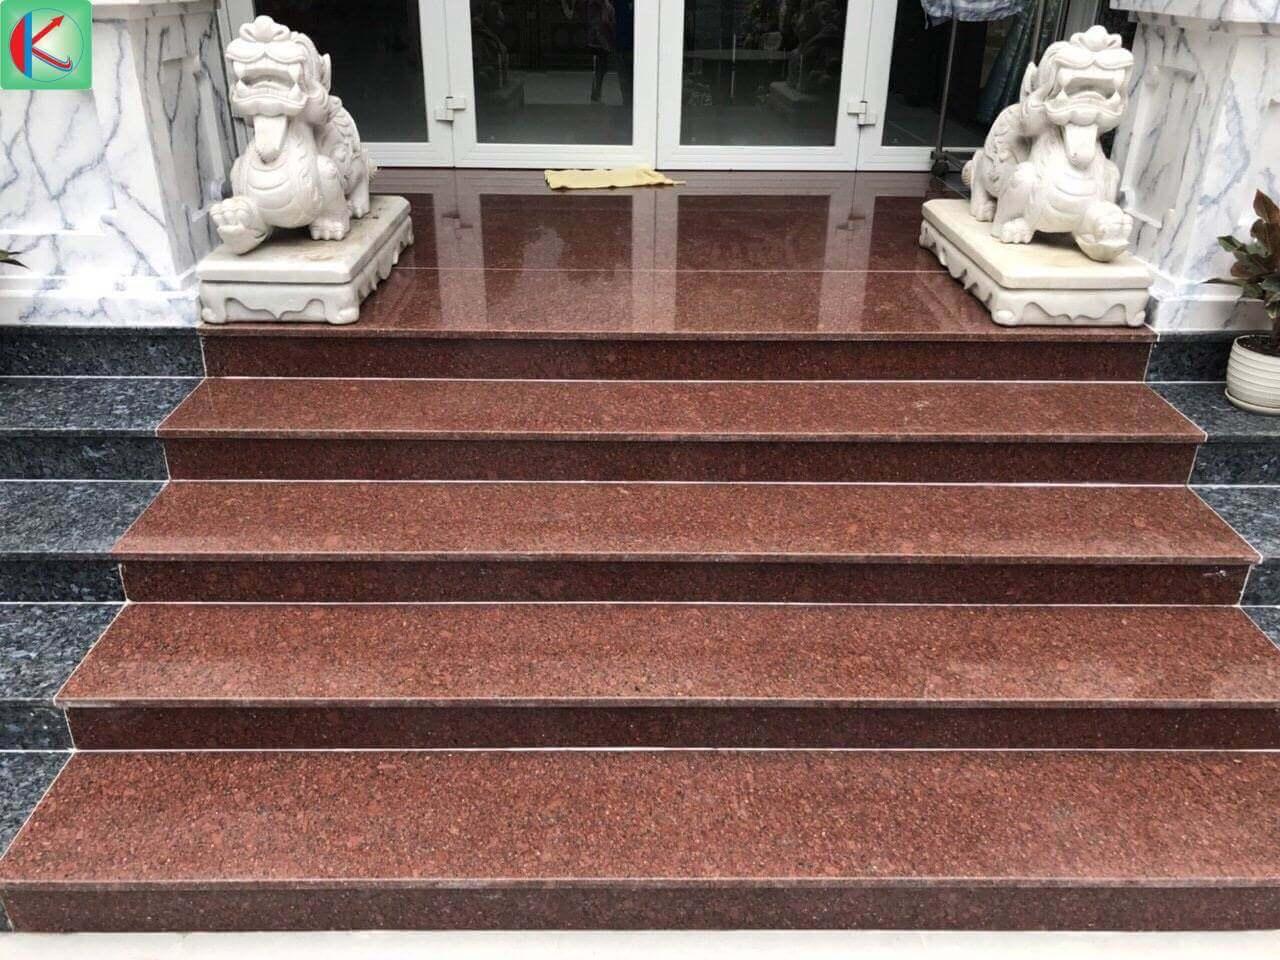 Đá hoa cương đỏ Bình Định ốp lát bậc thềm